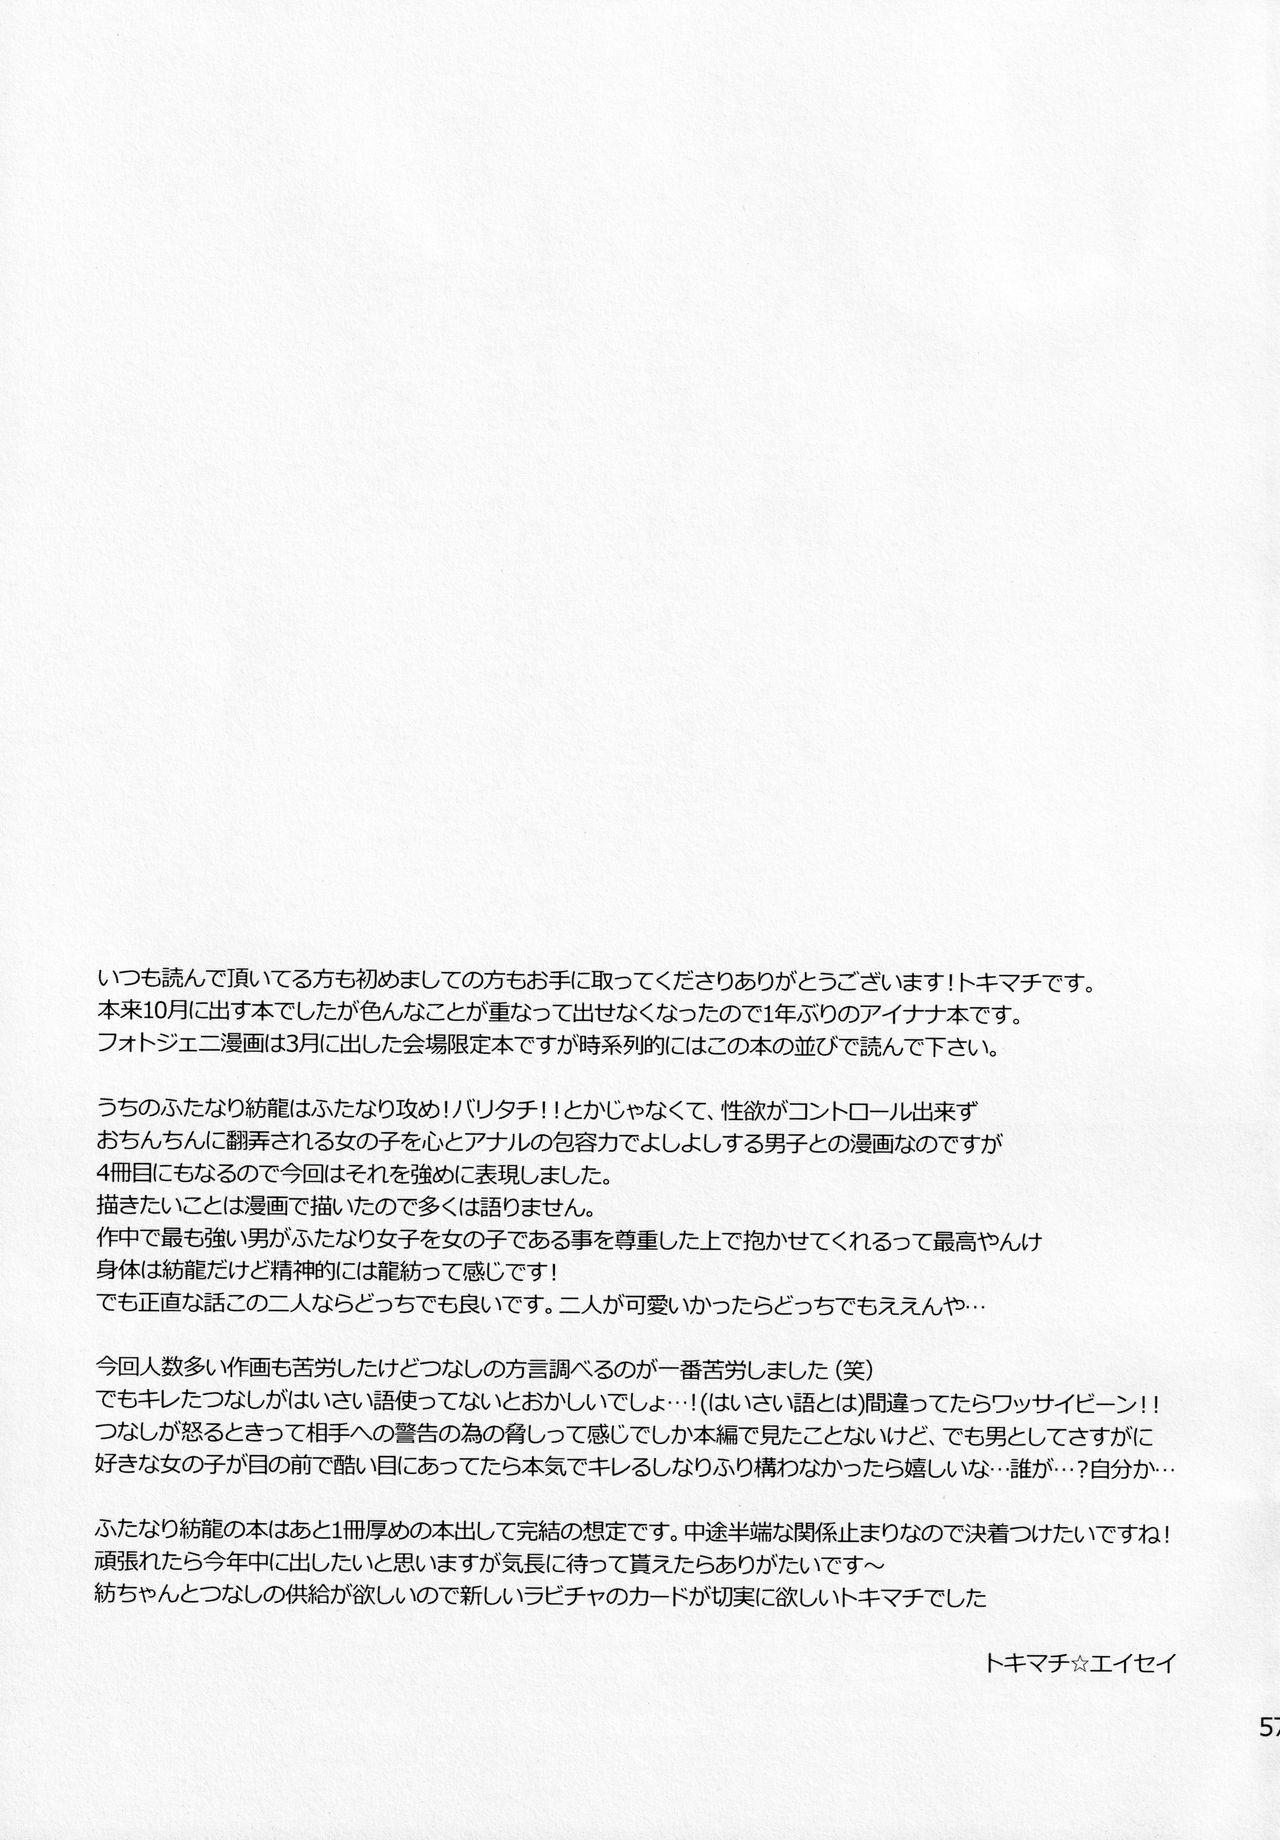 Futanari ni Natte Shimatta Taji Musho Manager no Watashi ga Eroerobiisuto de Wadai no Idol Tsunashi Ryu○suke-san to Himitsu no Shitagi Toreido 55